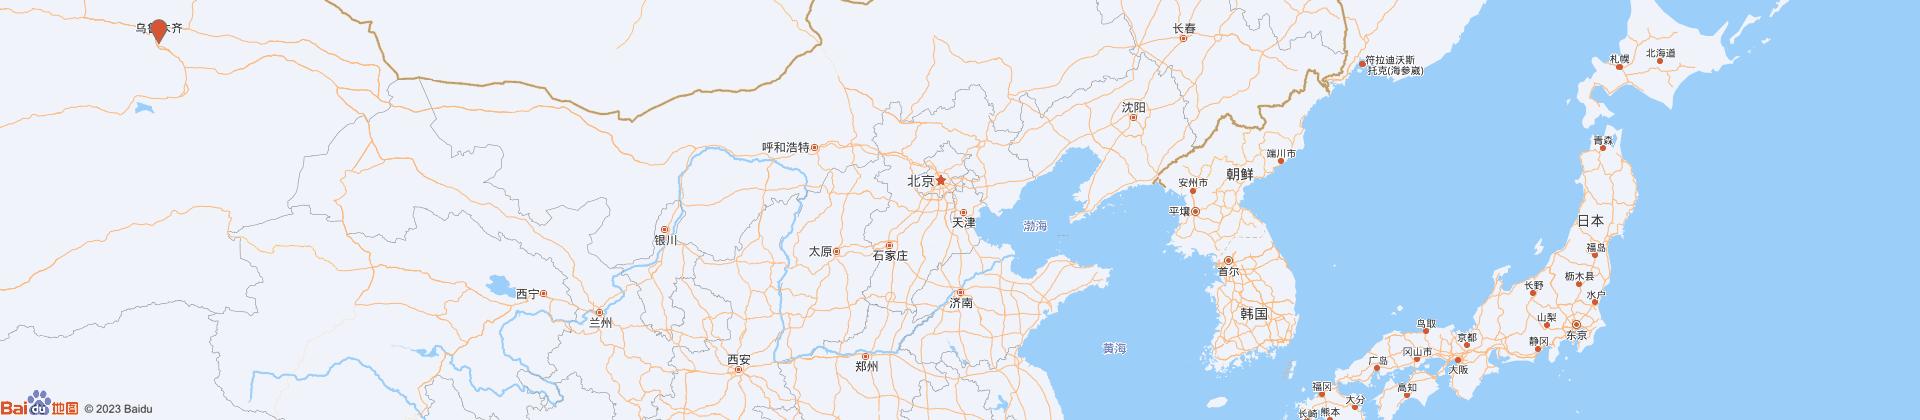 天津安世佳电子科技有限公司